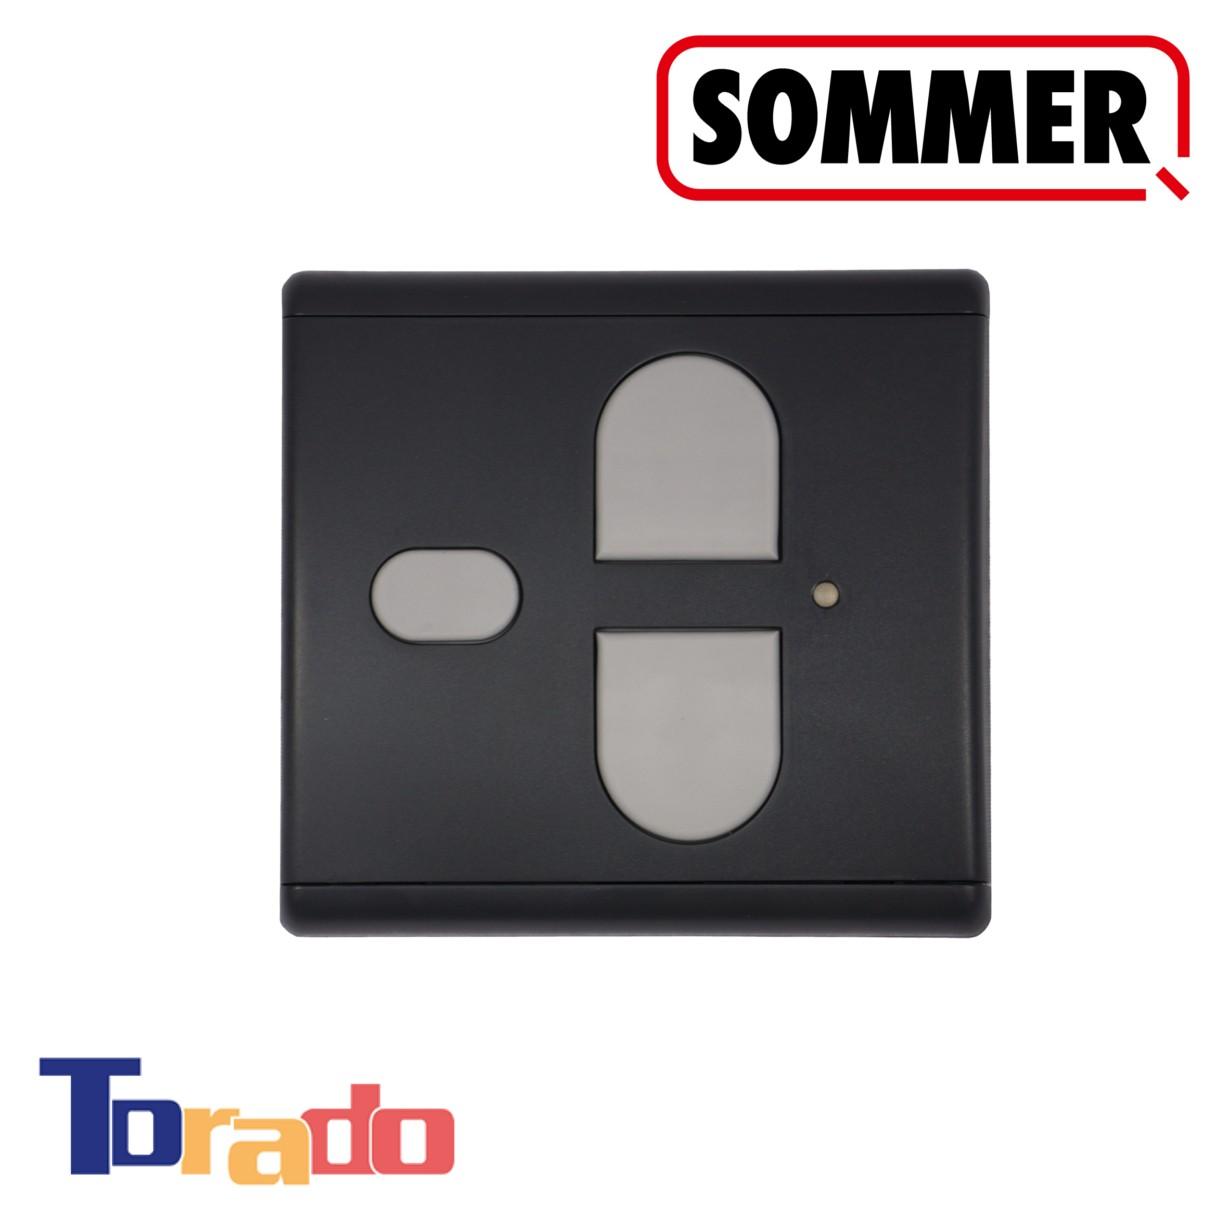 Sommer Funk-Wandtaster 3-Befehl 868 MHz anthrazit